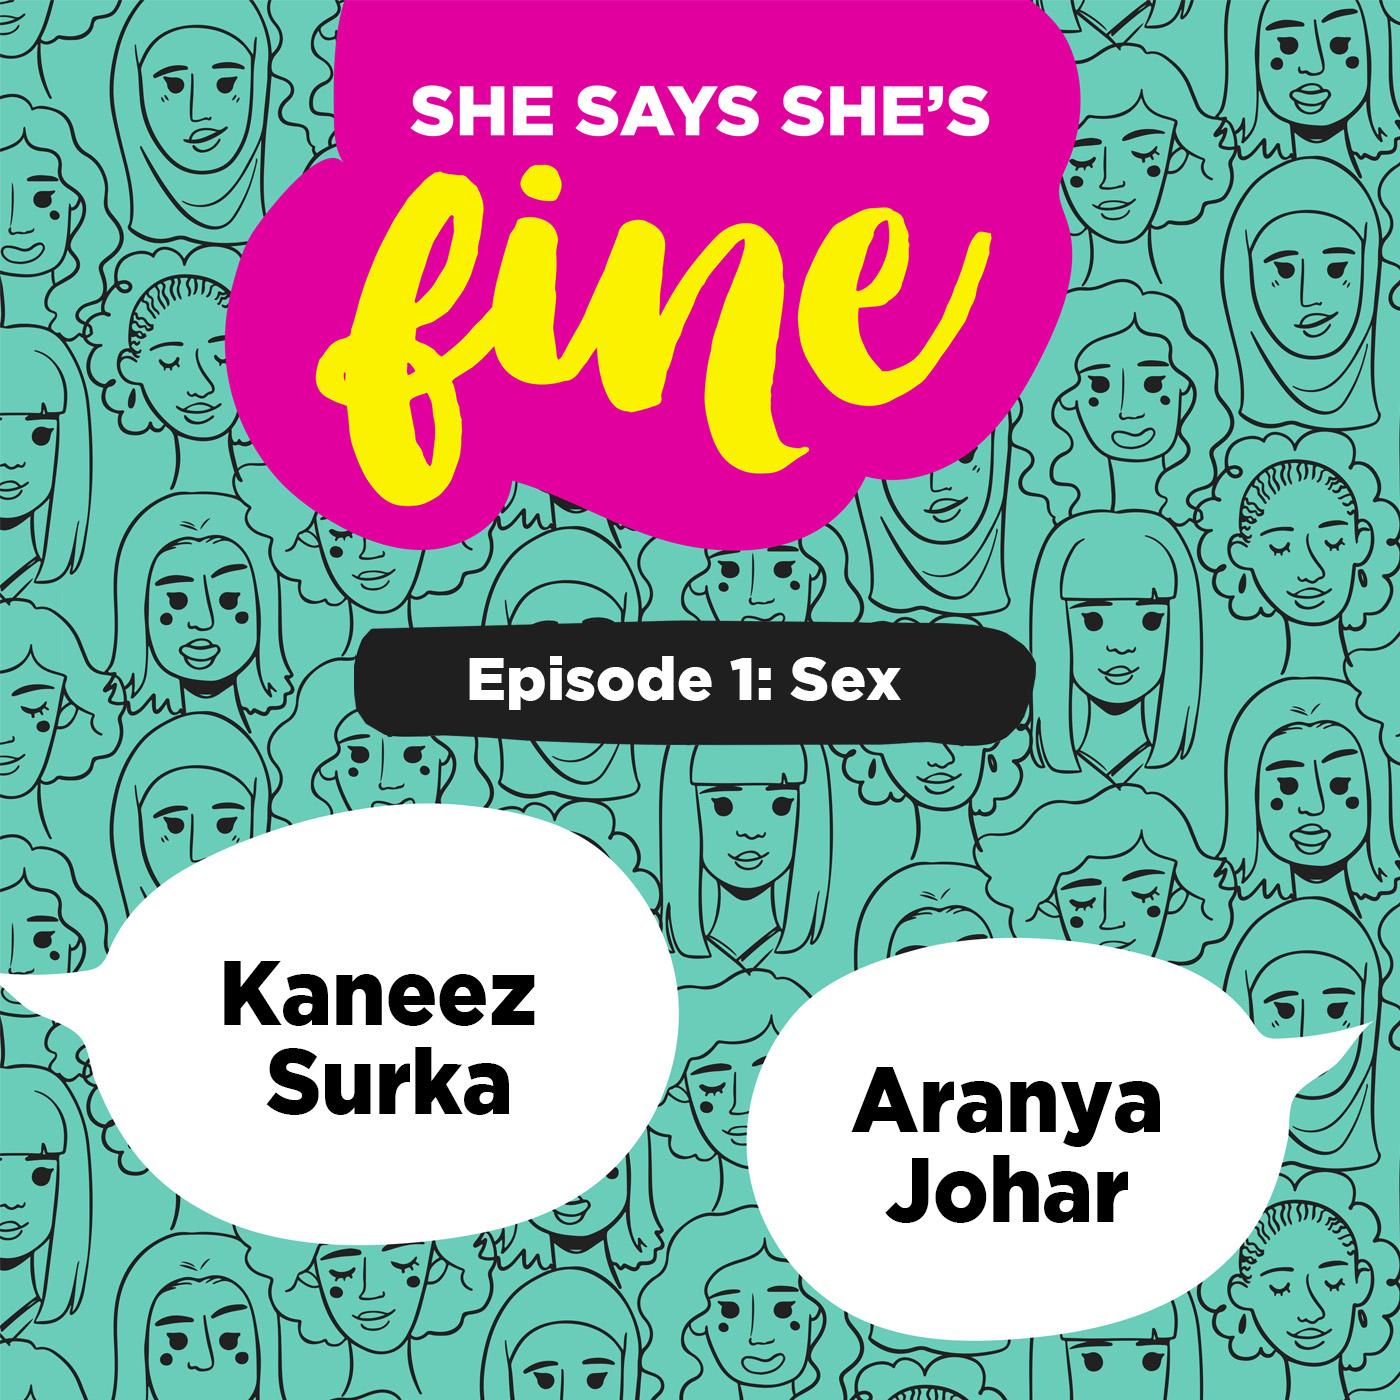 Sex ft. Kaneez Surka & Aranya Johar